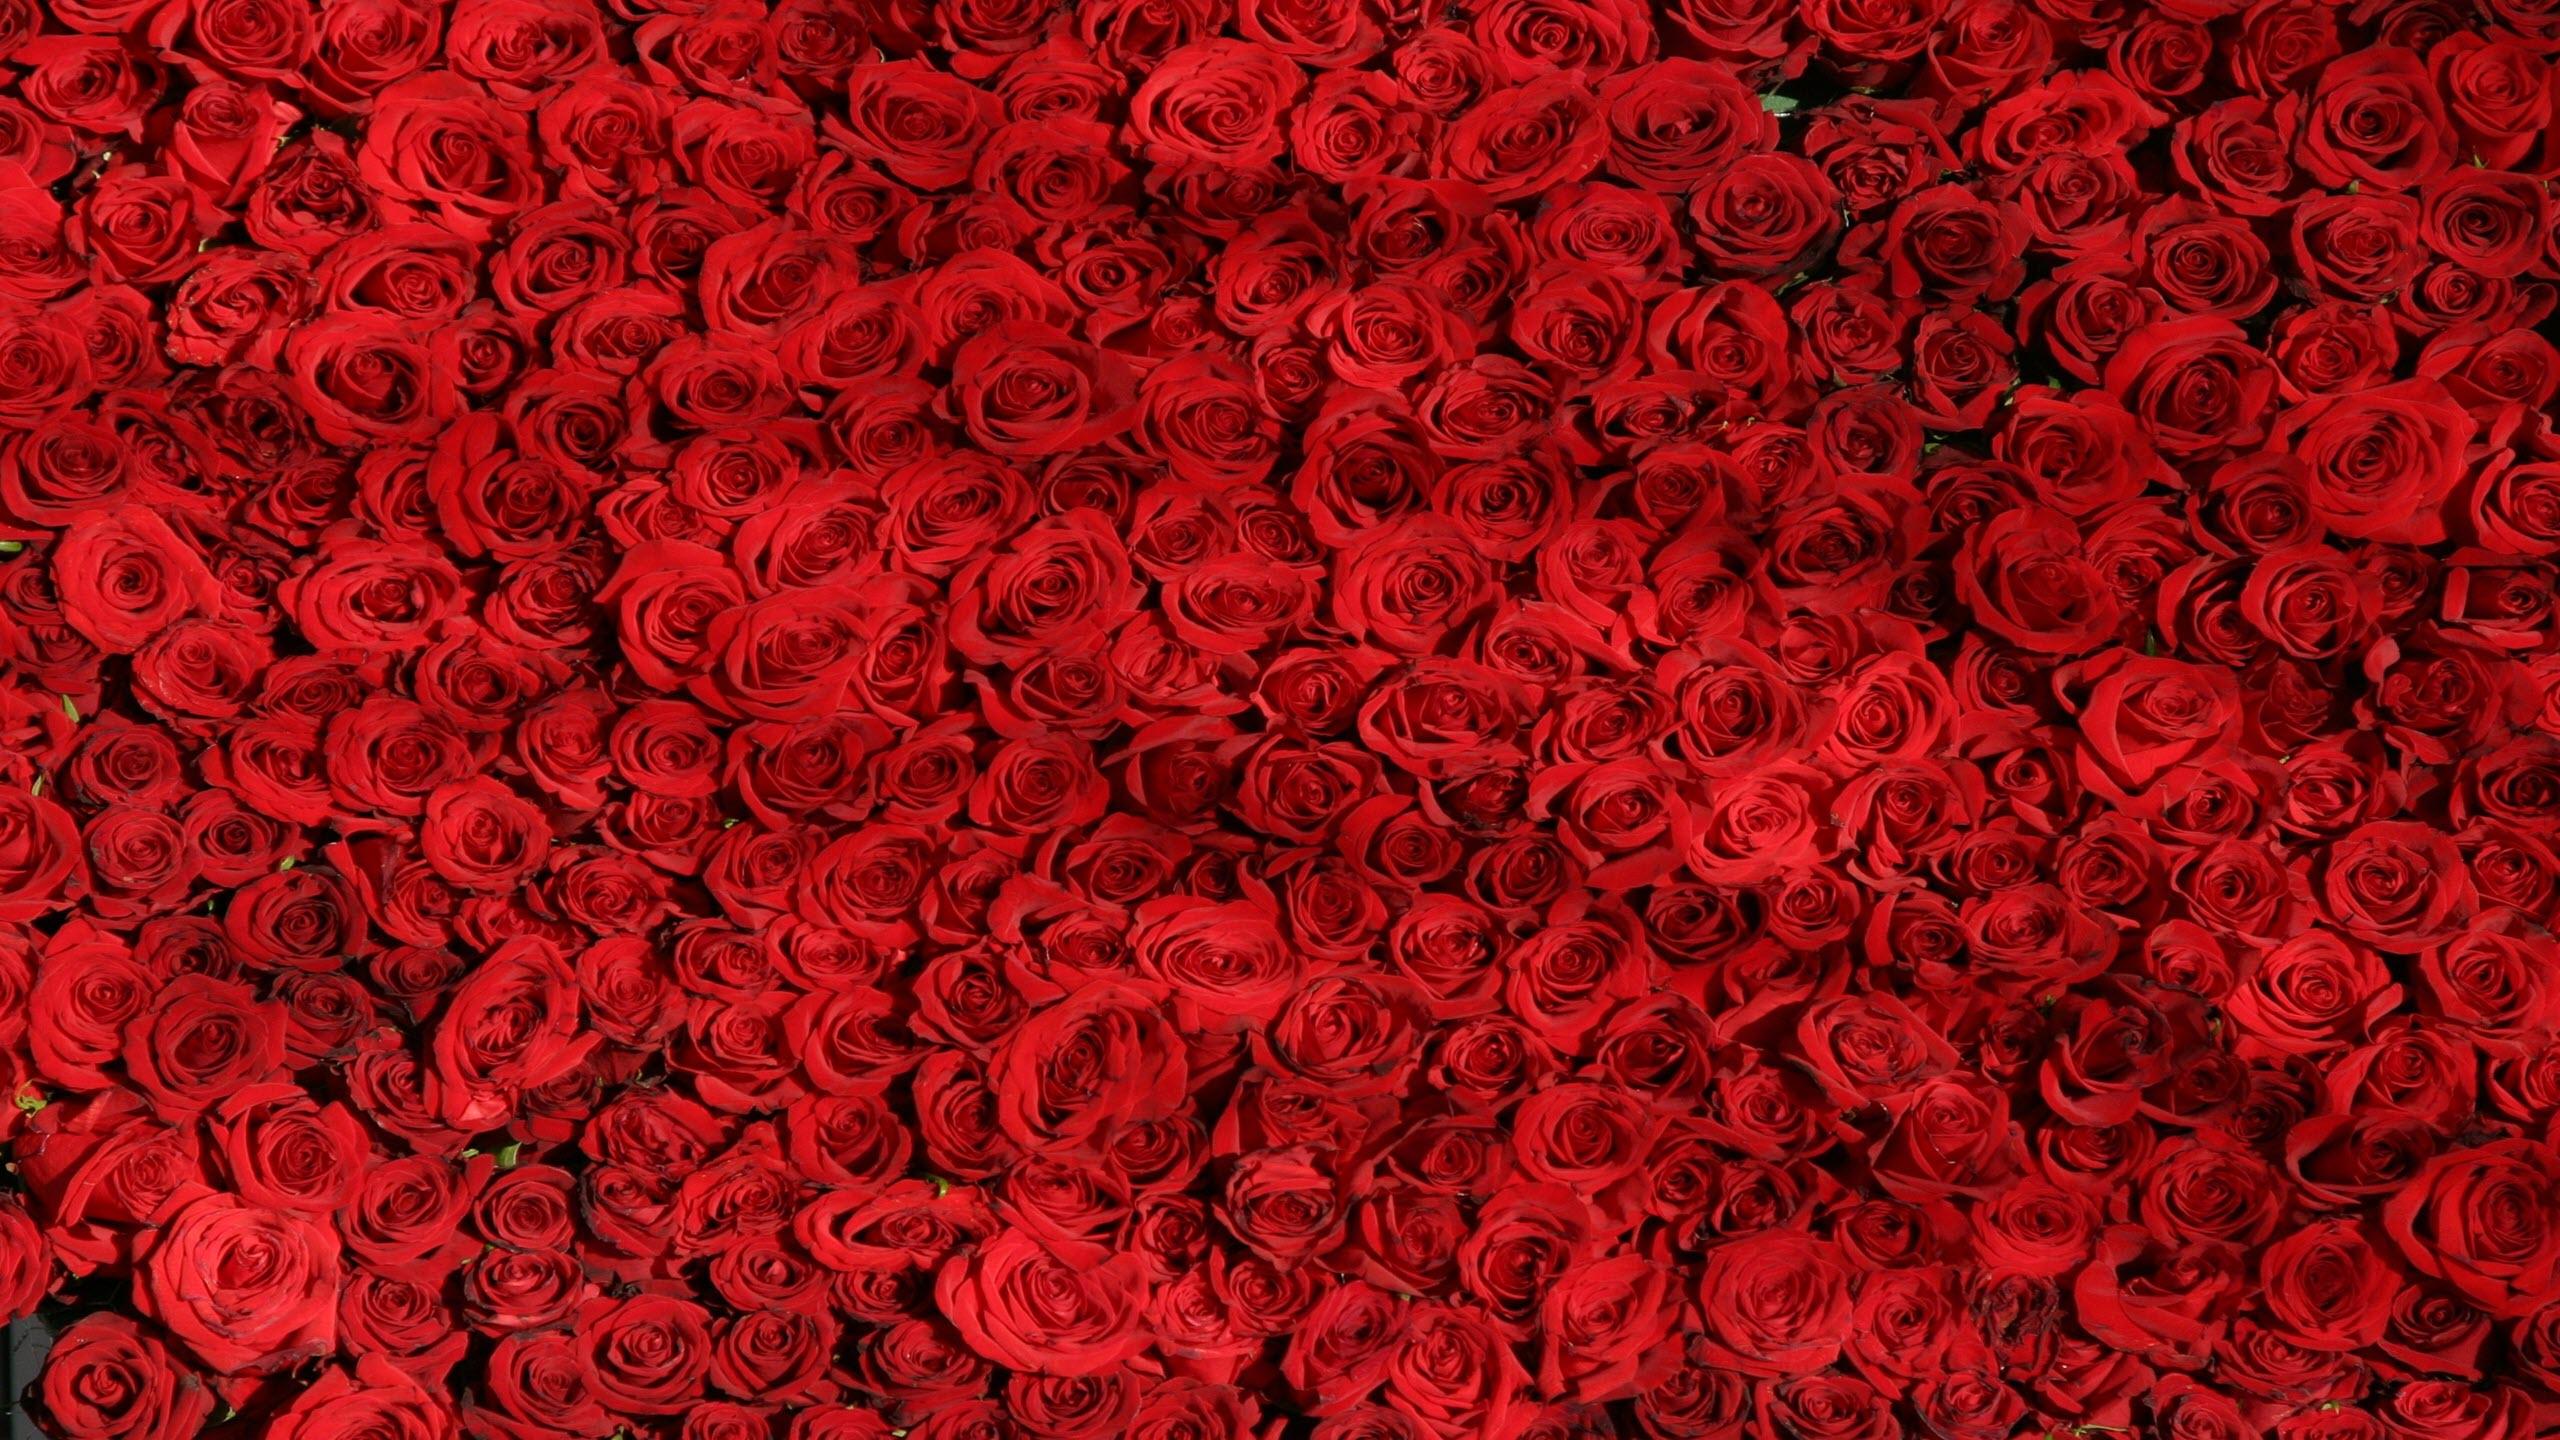 Ảnh nền hoa hồng đỏ cực đẹp